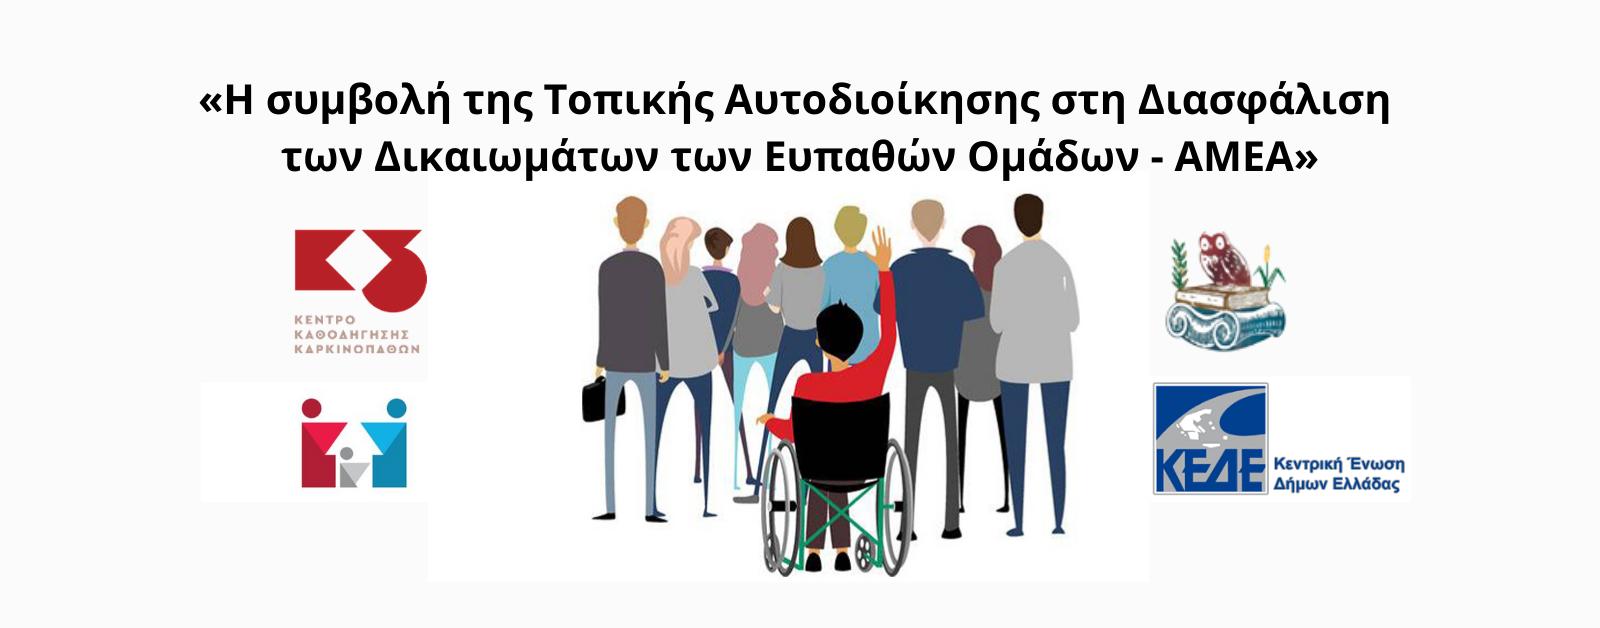 «Η συμβολή της Τοπικής Αυτοδιοίκησης στη Διασφάλιση των Δικαιωμάτων των Ευπαθών Ομάδων – ΑΜΕΑ»